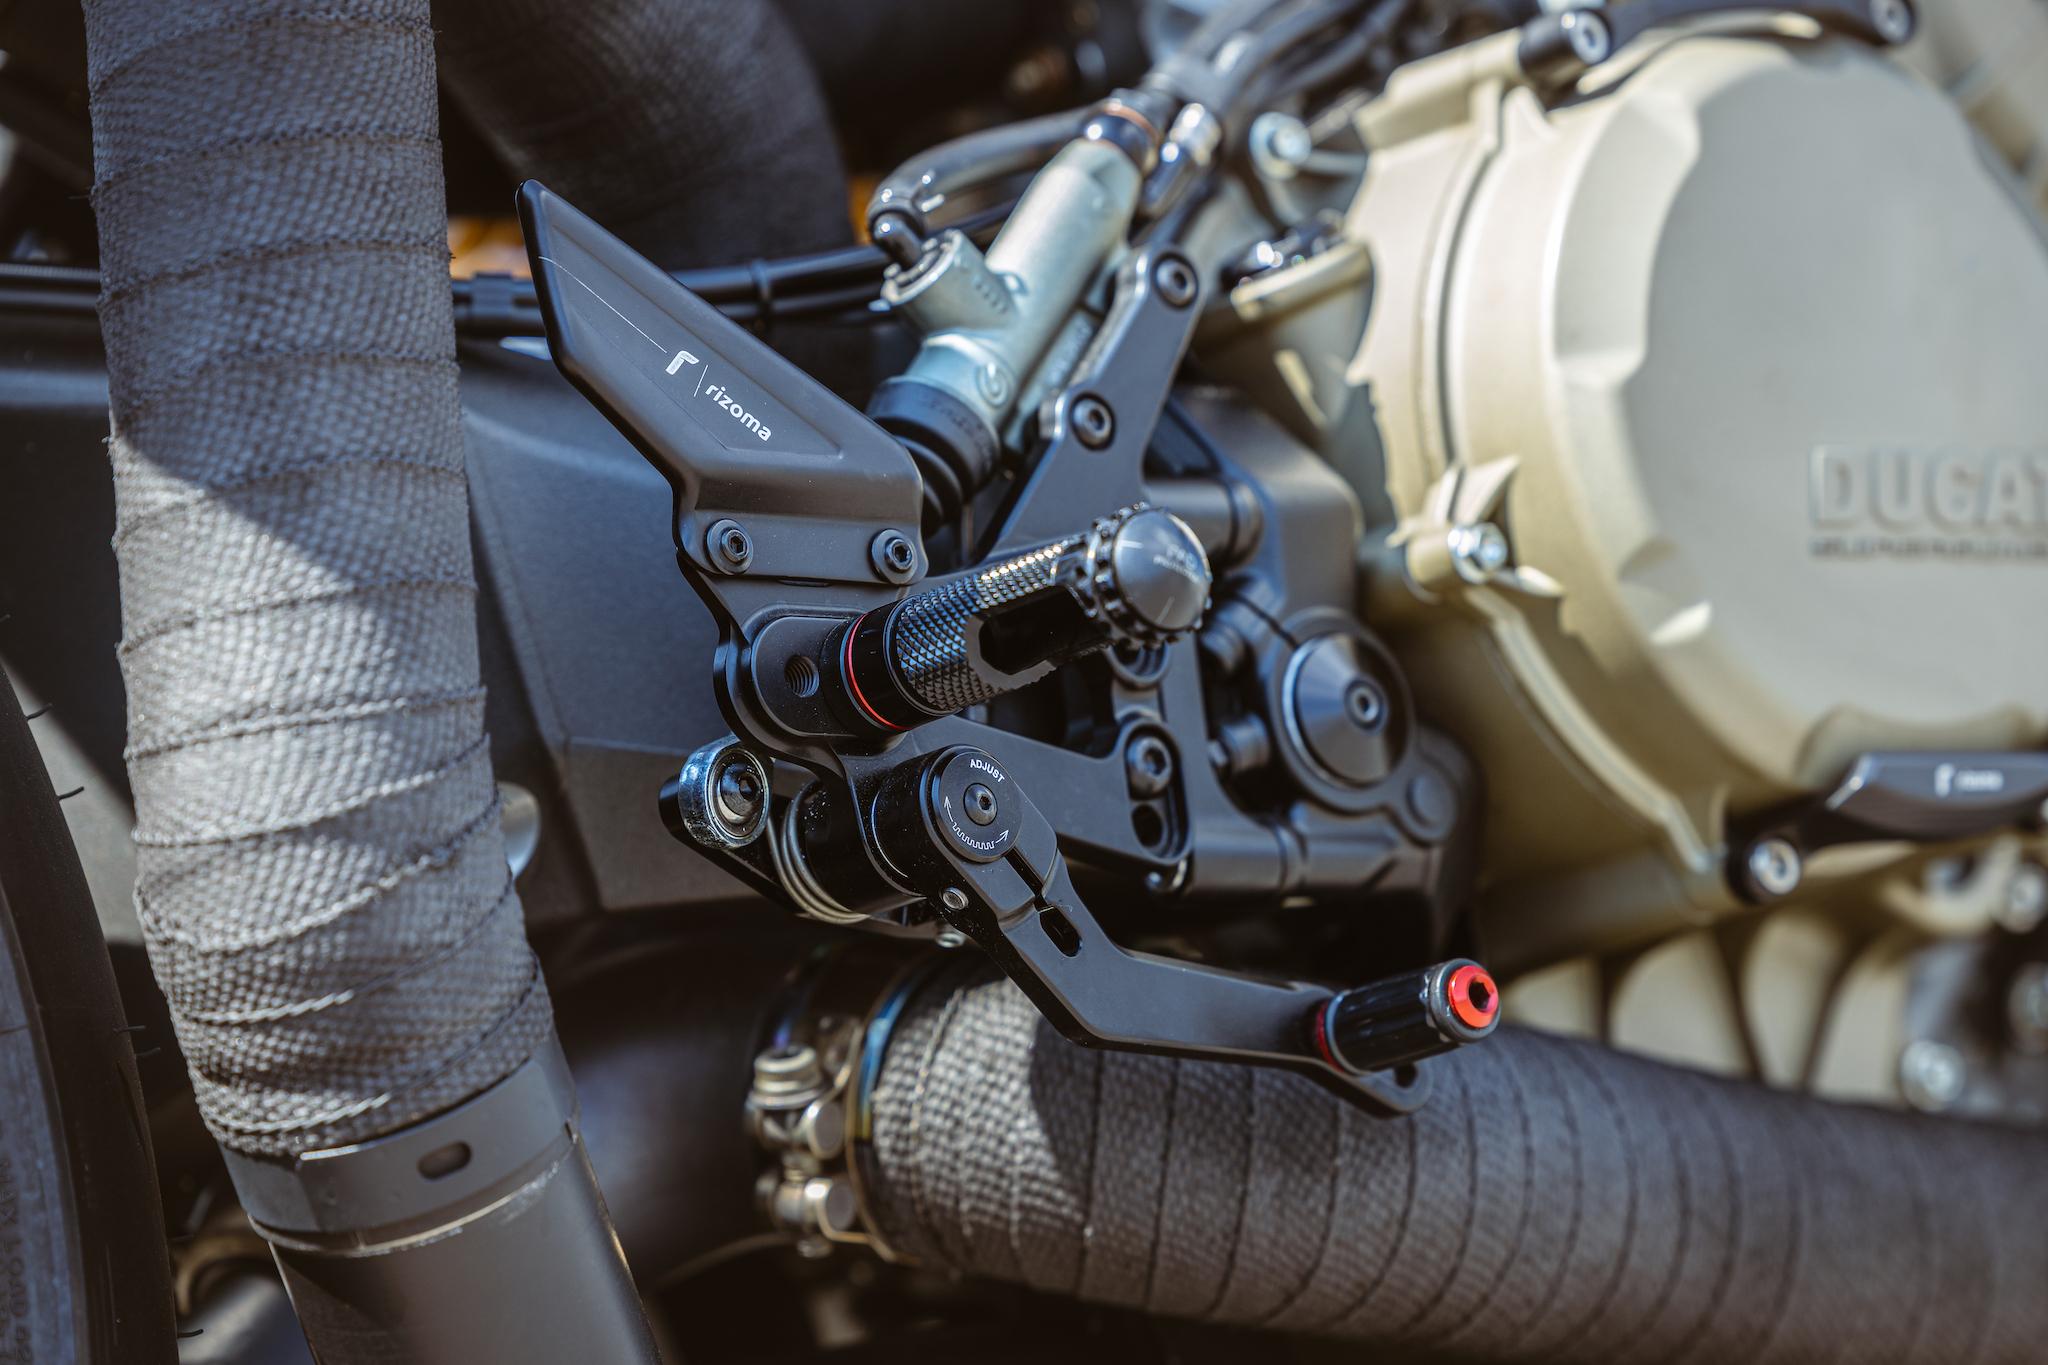 Ducati_Panigale_naked_dream-motos_Madpik-small16